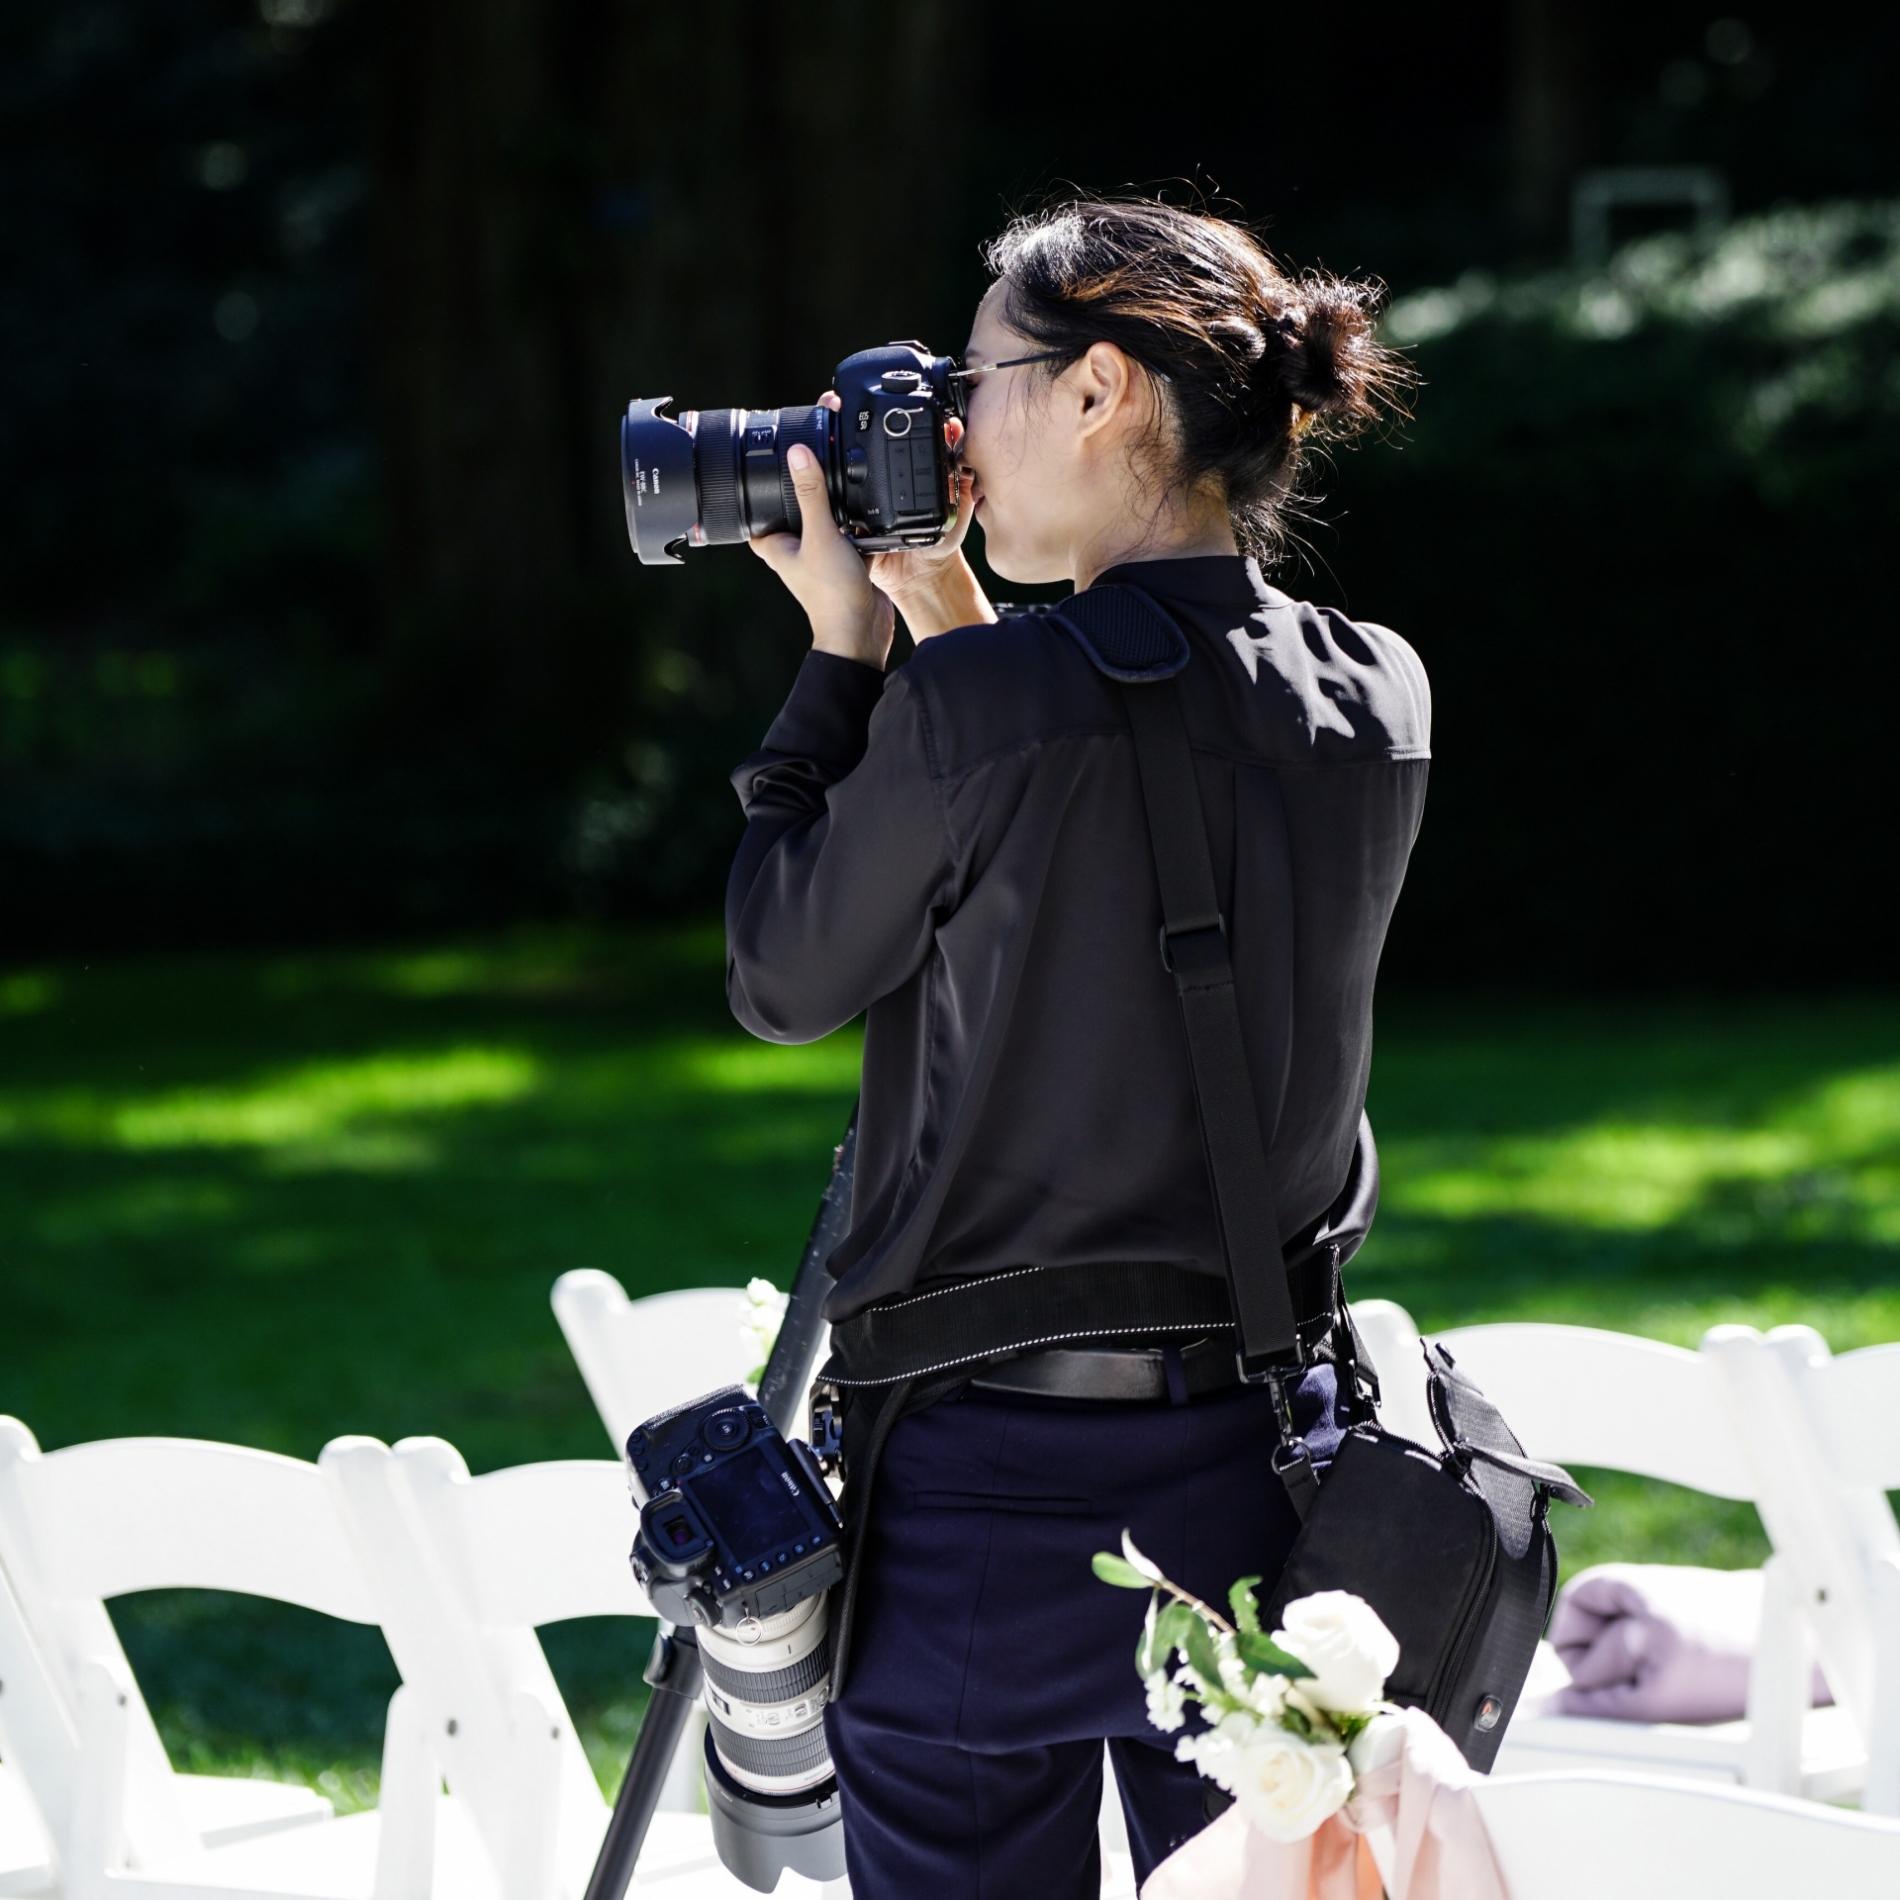 Photographe de mariage Setauket New York avec appareil photo lors d'une cérémonie en plein air.